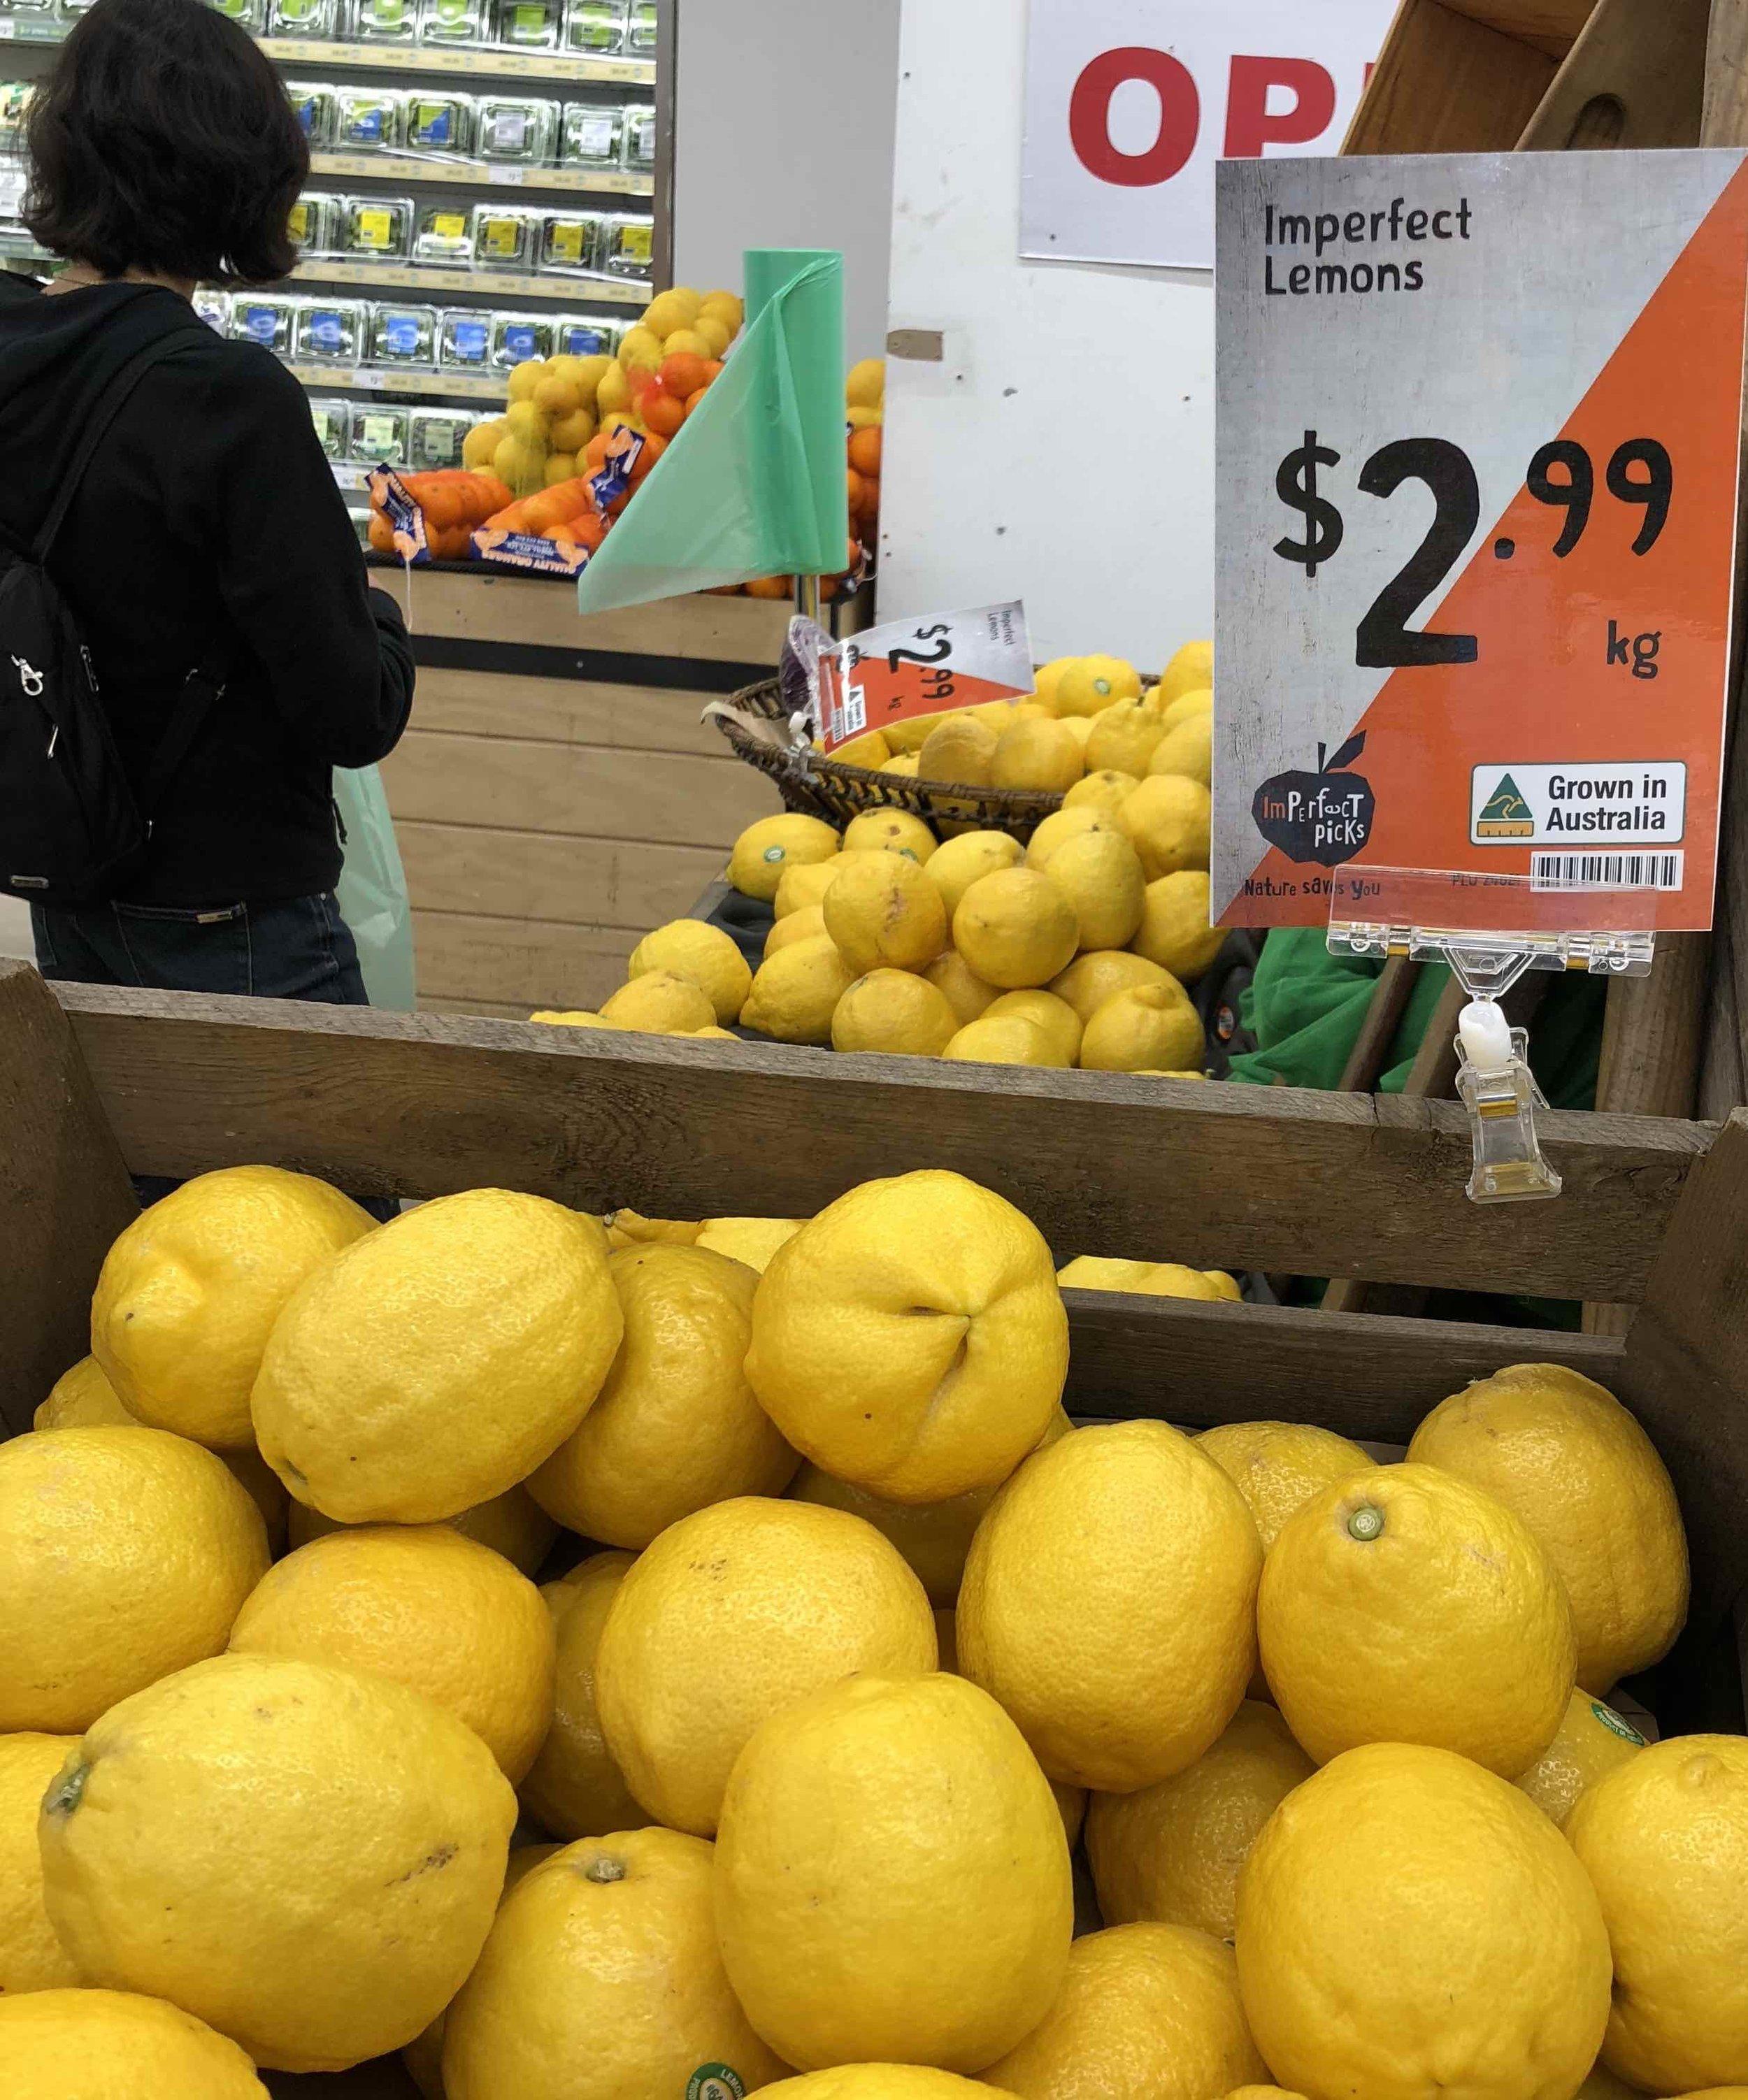 Imperfect lemons.jpg